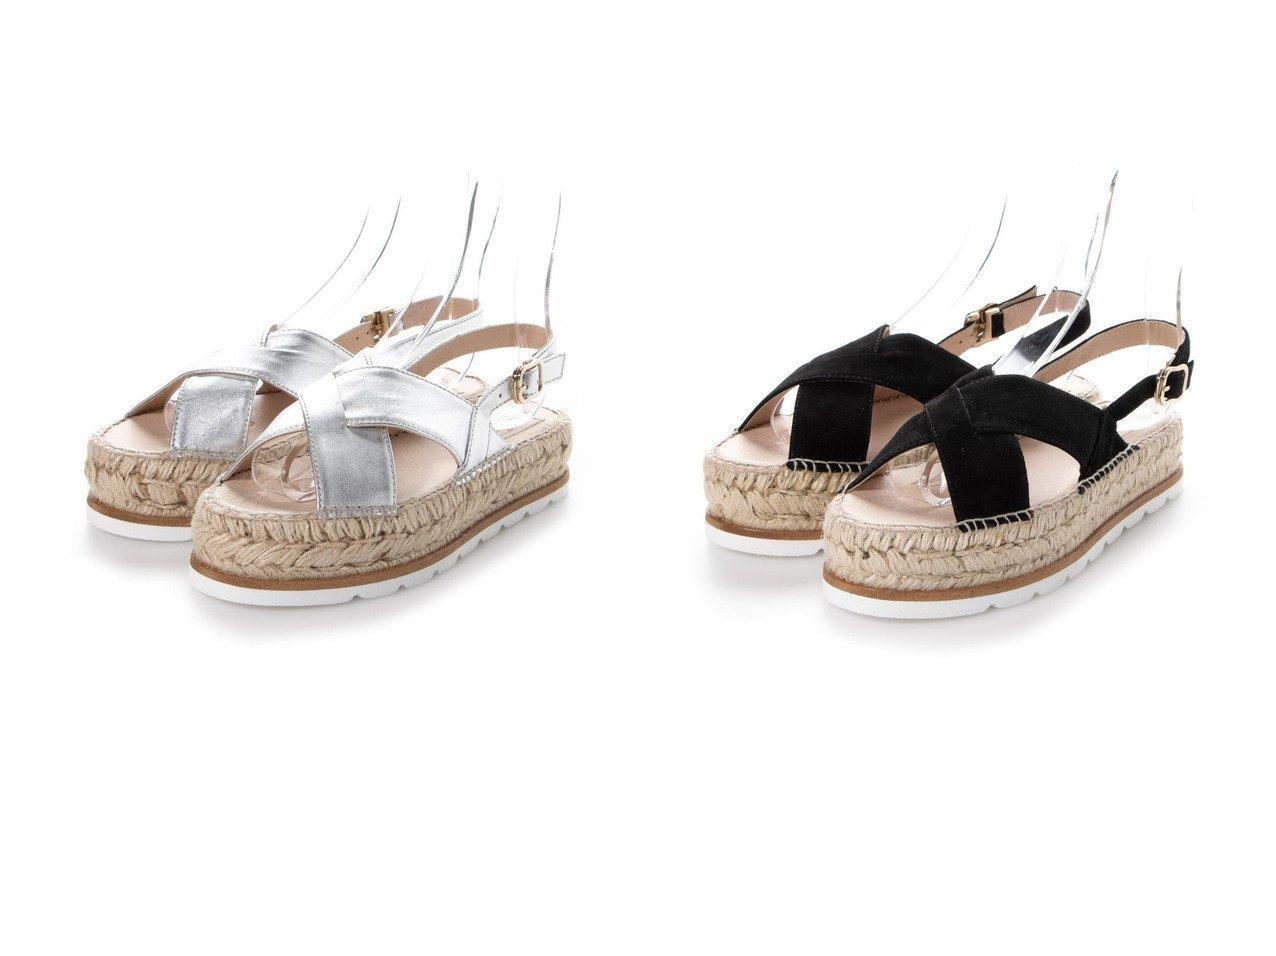 【gaimo/ガイモ】のクロスベルトダブルソールサンダル シューズ・靴のおすすめ!人気、トレンド・レディースファッションの通販 おすすめで人気の流行・トレンド、ファッションの通販商品 メンズファッション・キッズファッション・インテリア・家具・レディースファッション・服の通販 founy(ファニー) https://founy.com/ ファッション Fashion レディースファッション WOMEN ベルト Belts 2020年 2020 2020 春夏 S/S SS Spring/Summer 2020 S/S 春夏 SS Spring/Summer おすすめ Recommend クッション サンダル ジュート フラット ラップ 春 Spring |ID:crp329100000023924